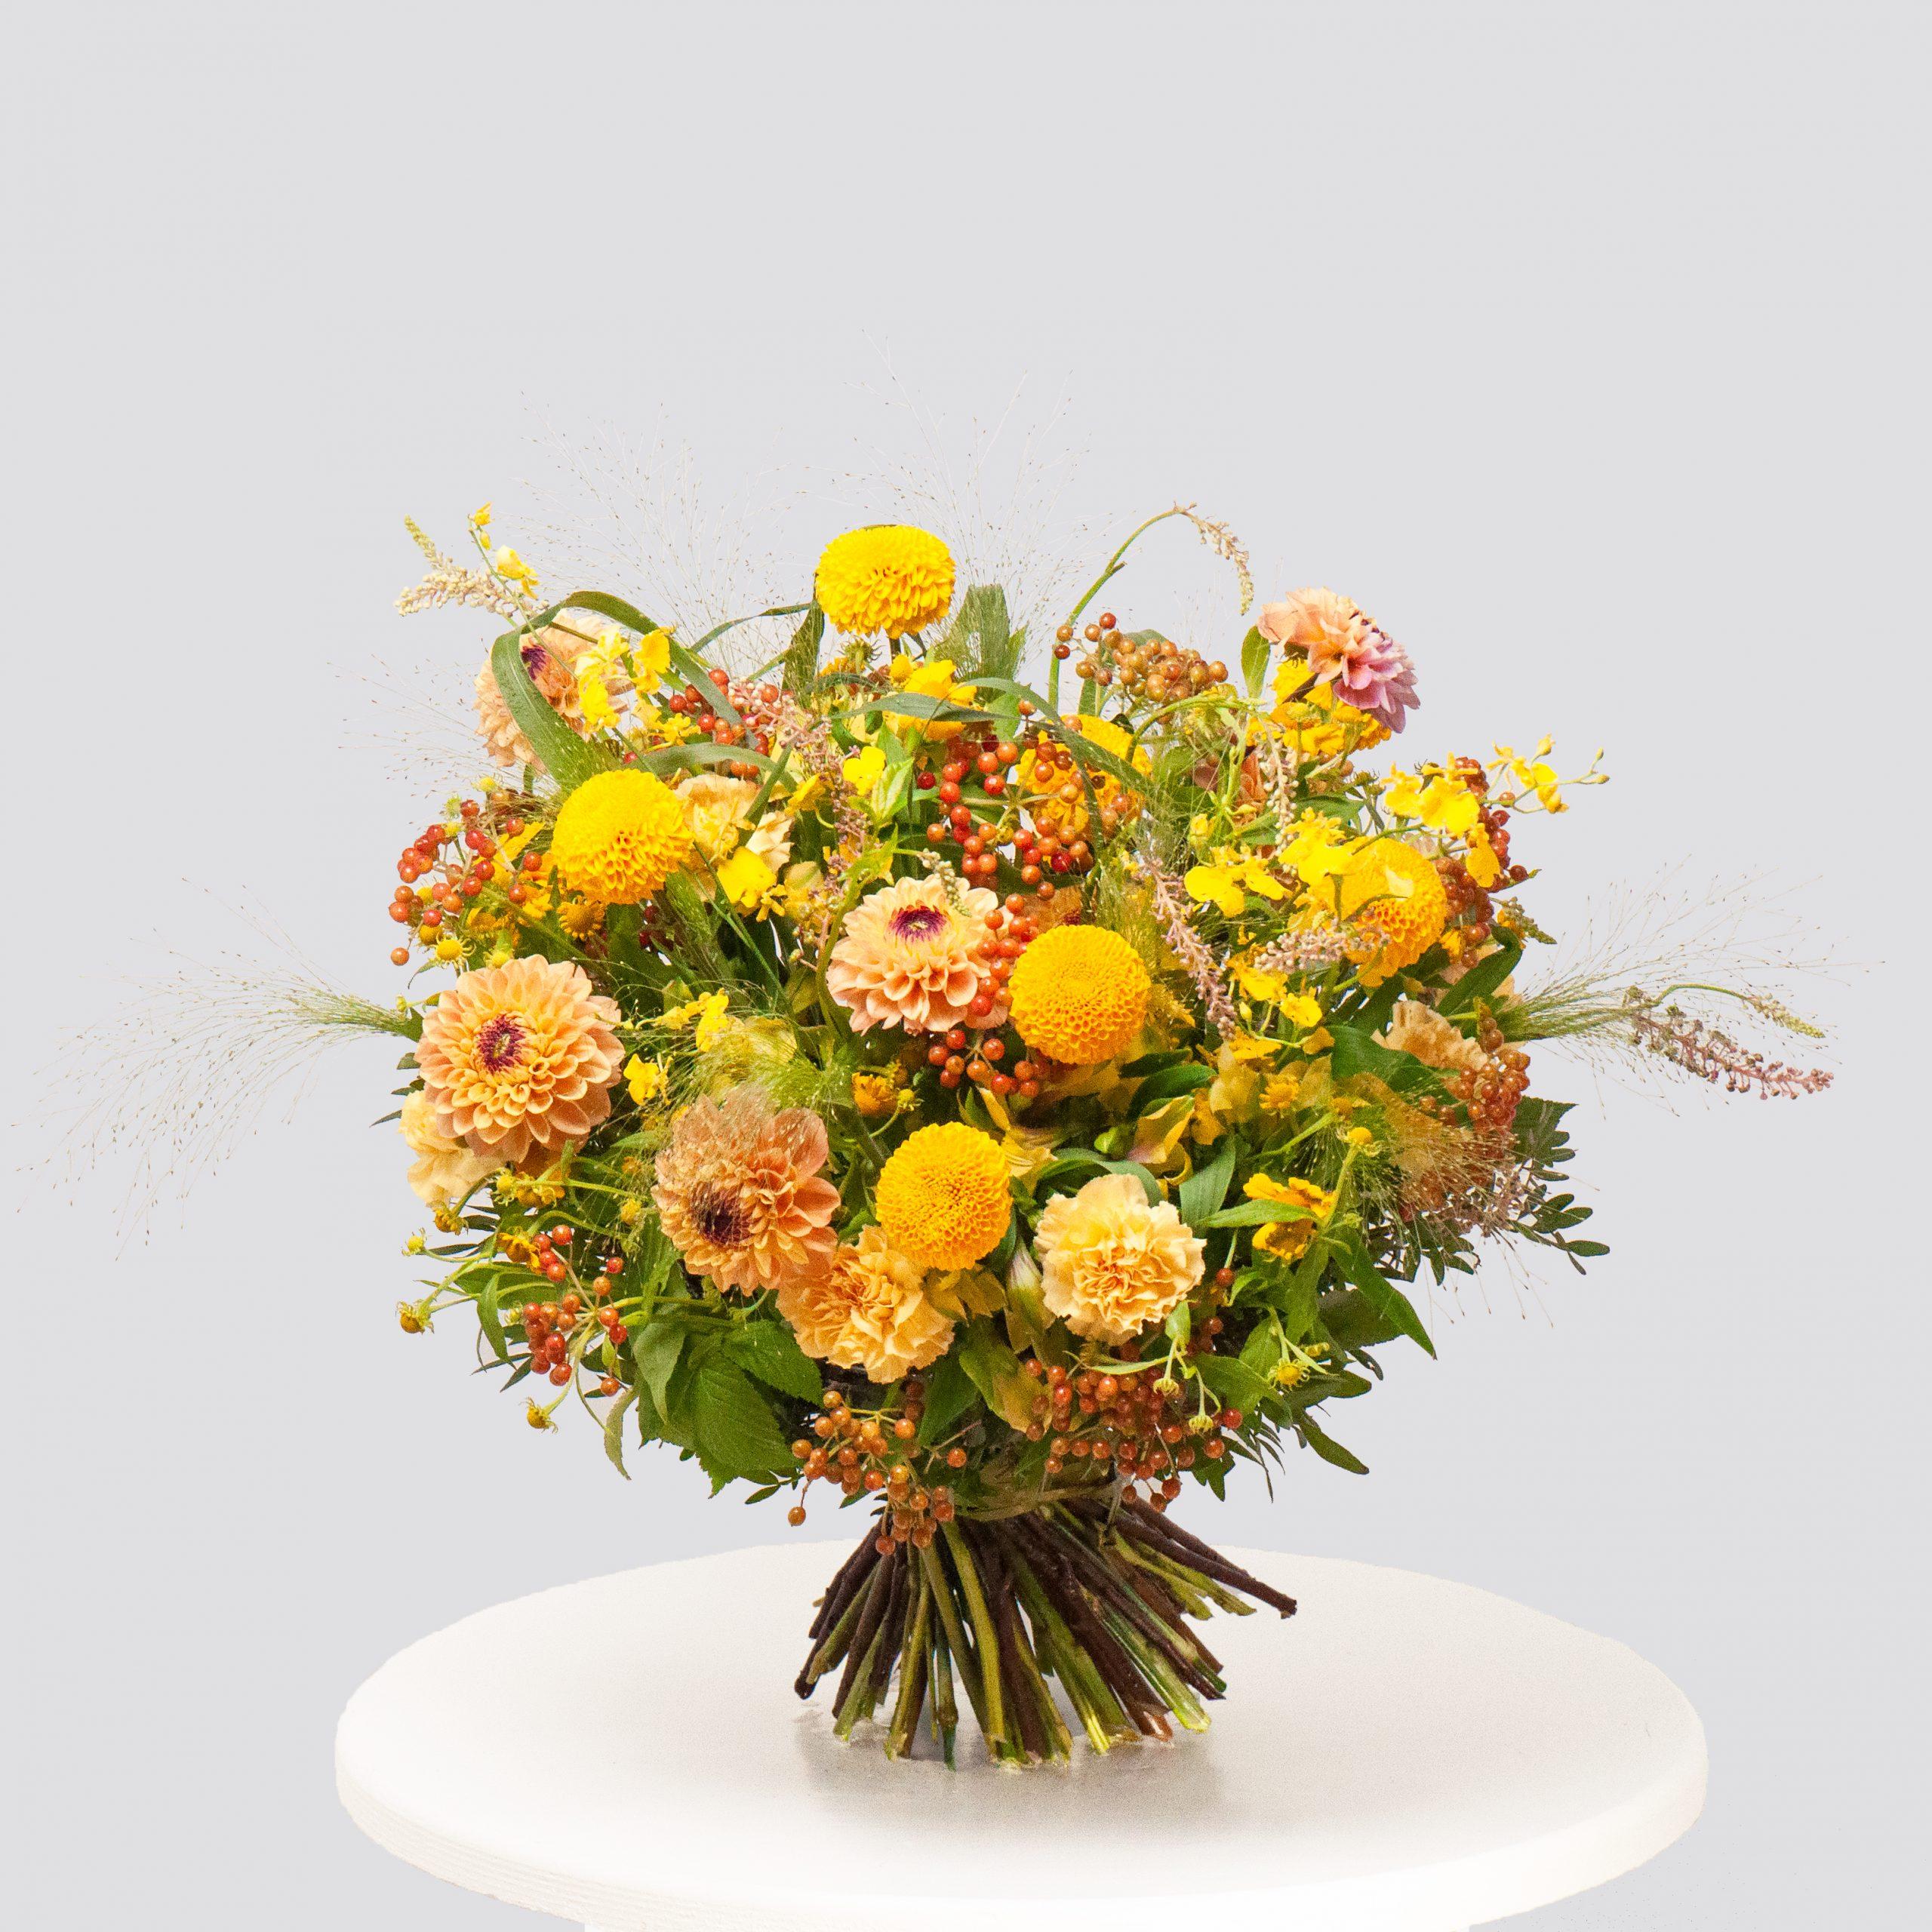 Круглый букет в желто-оранжевой гамме №60 - купить цветы в Санкт Петербурге